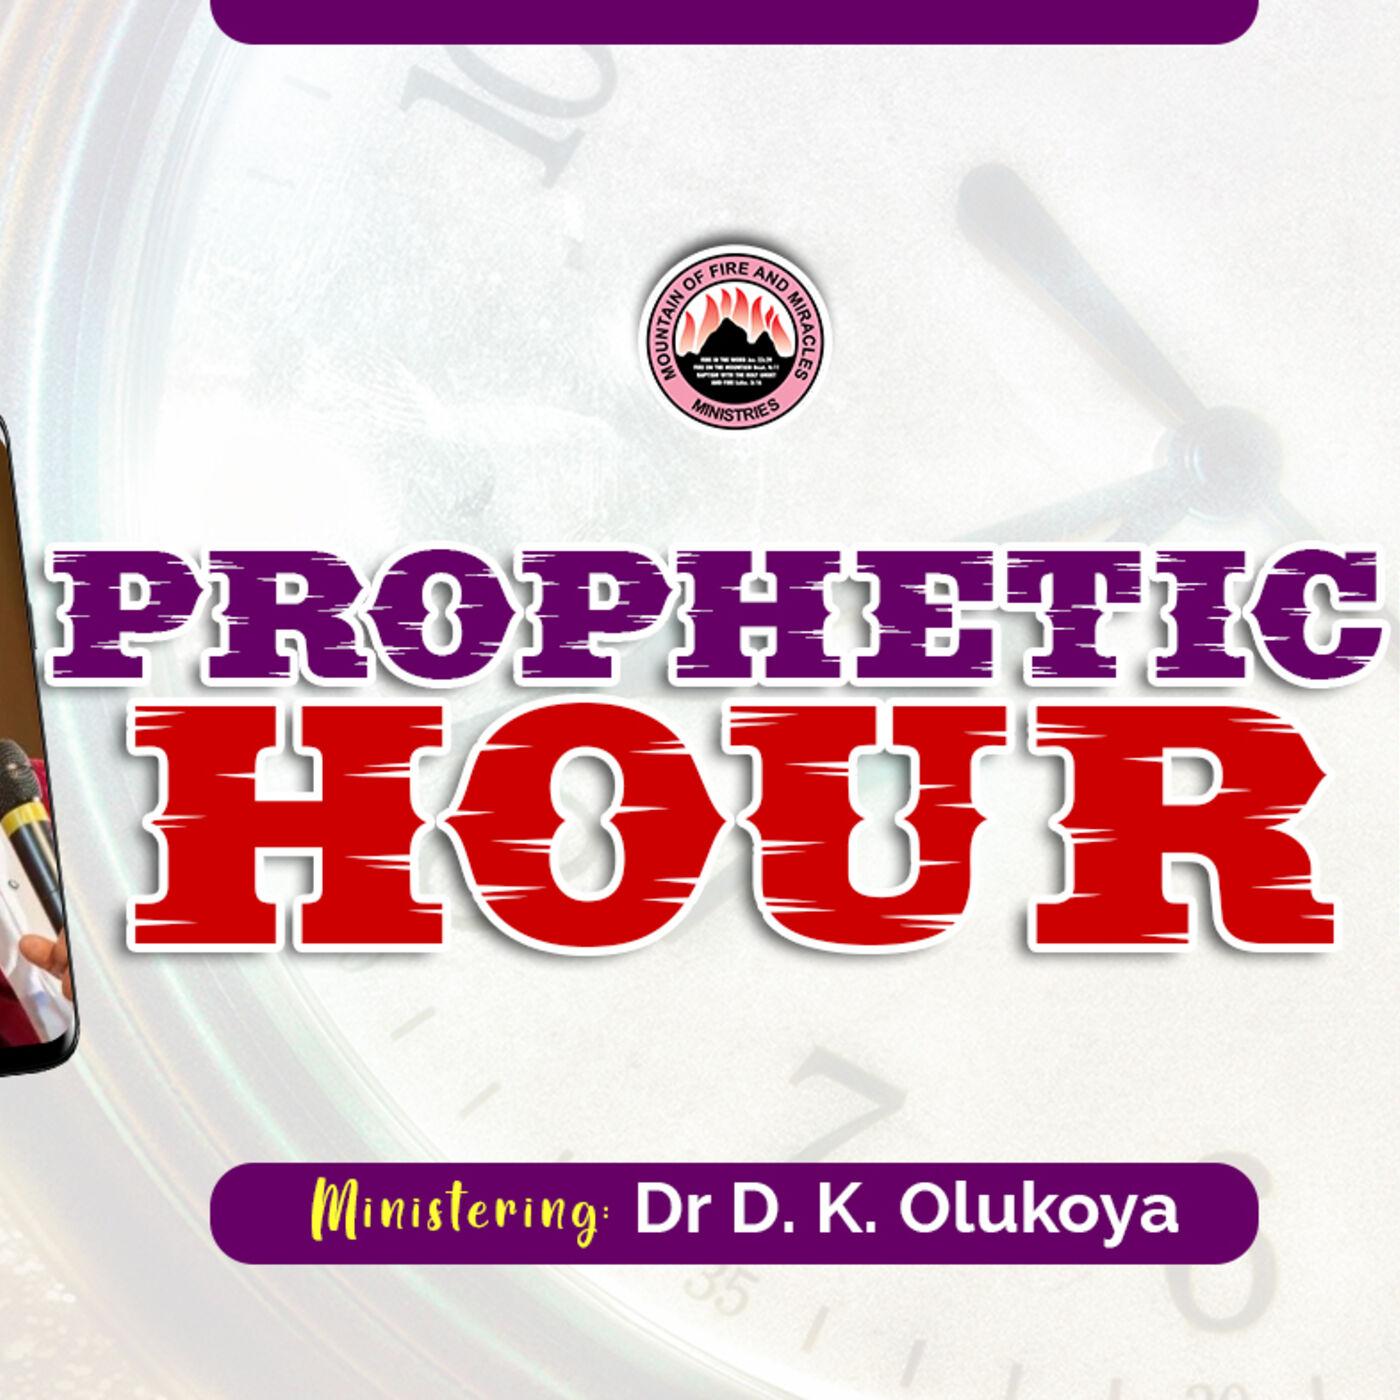 Prophetic Vitamin 2- Dr D. K. Olukoya